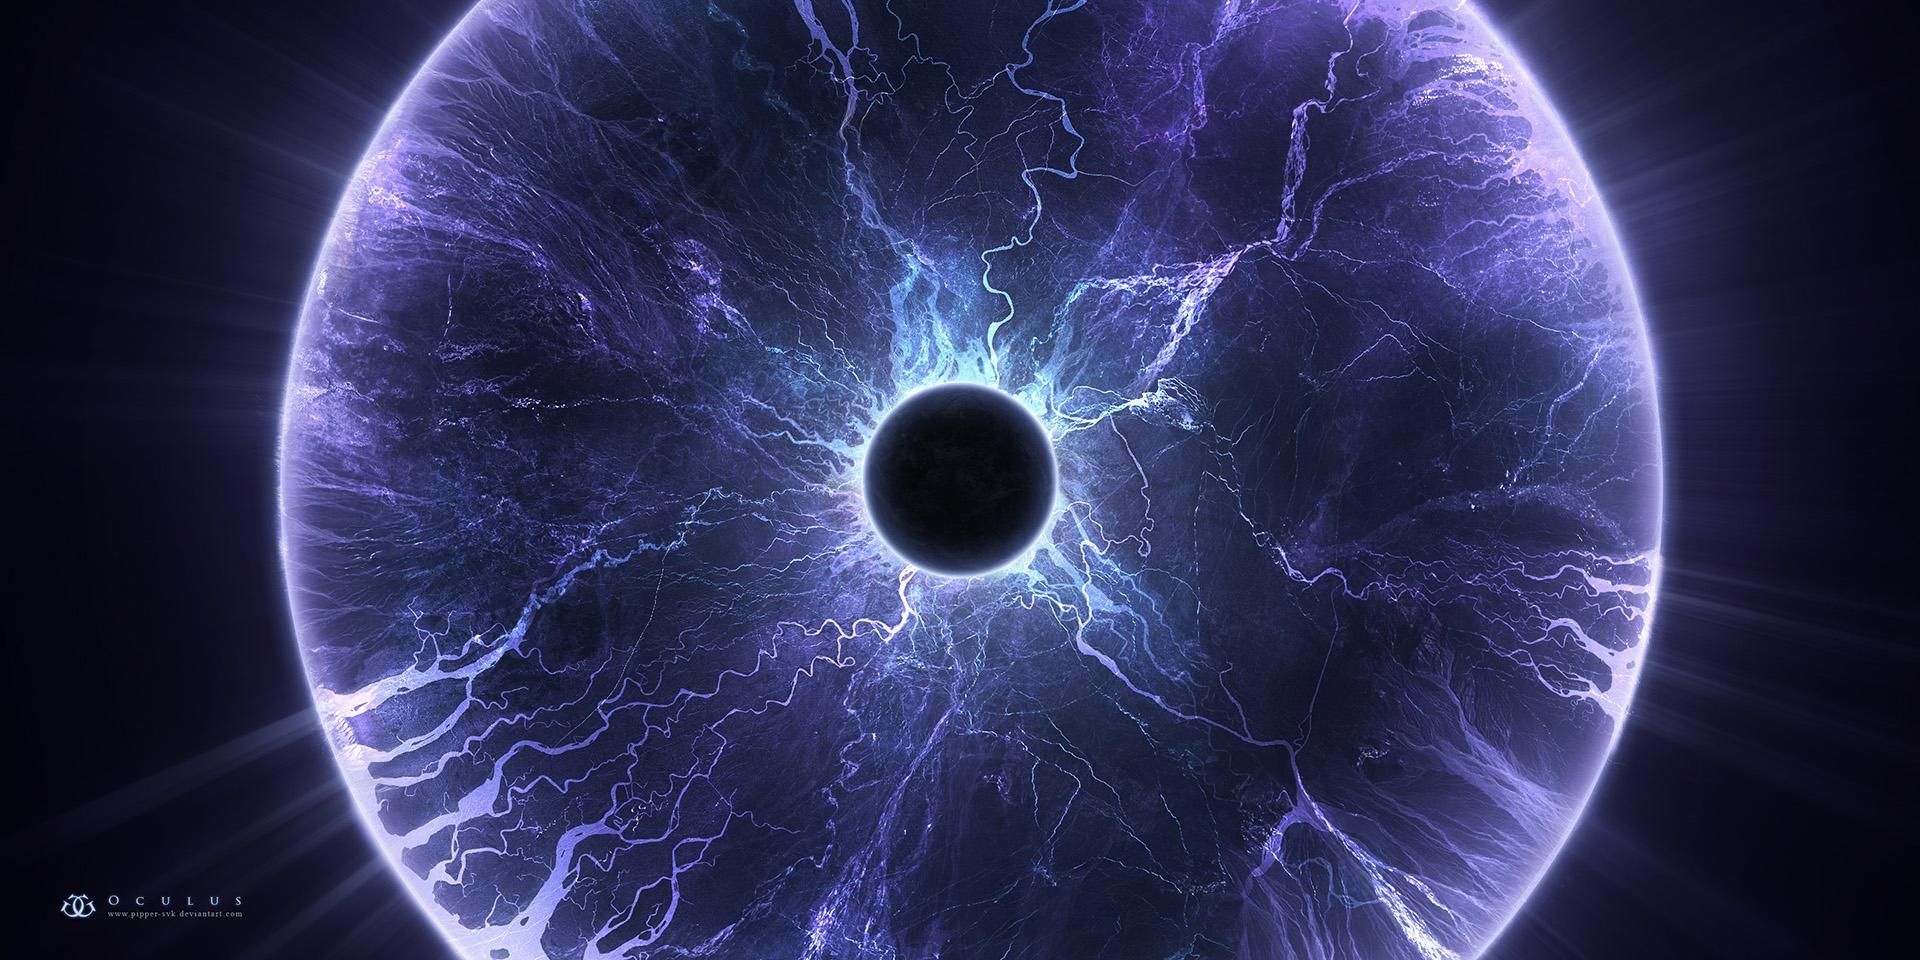 1033-into-the-oculus-gabriel-gajdos